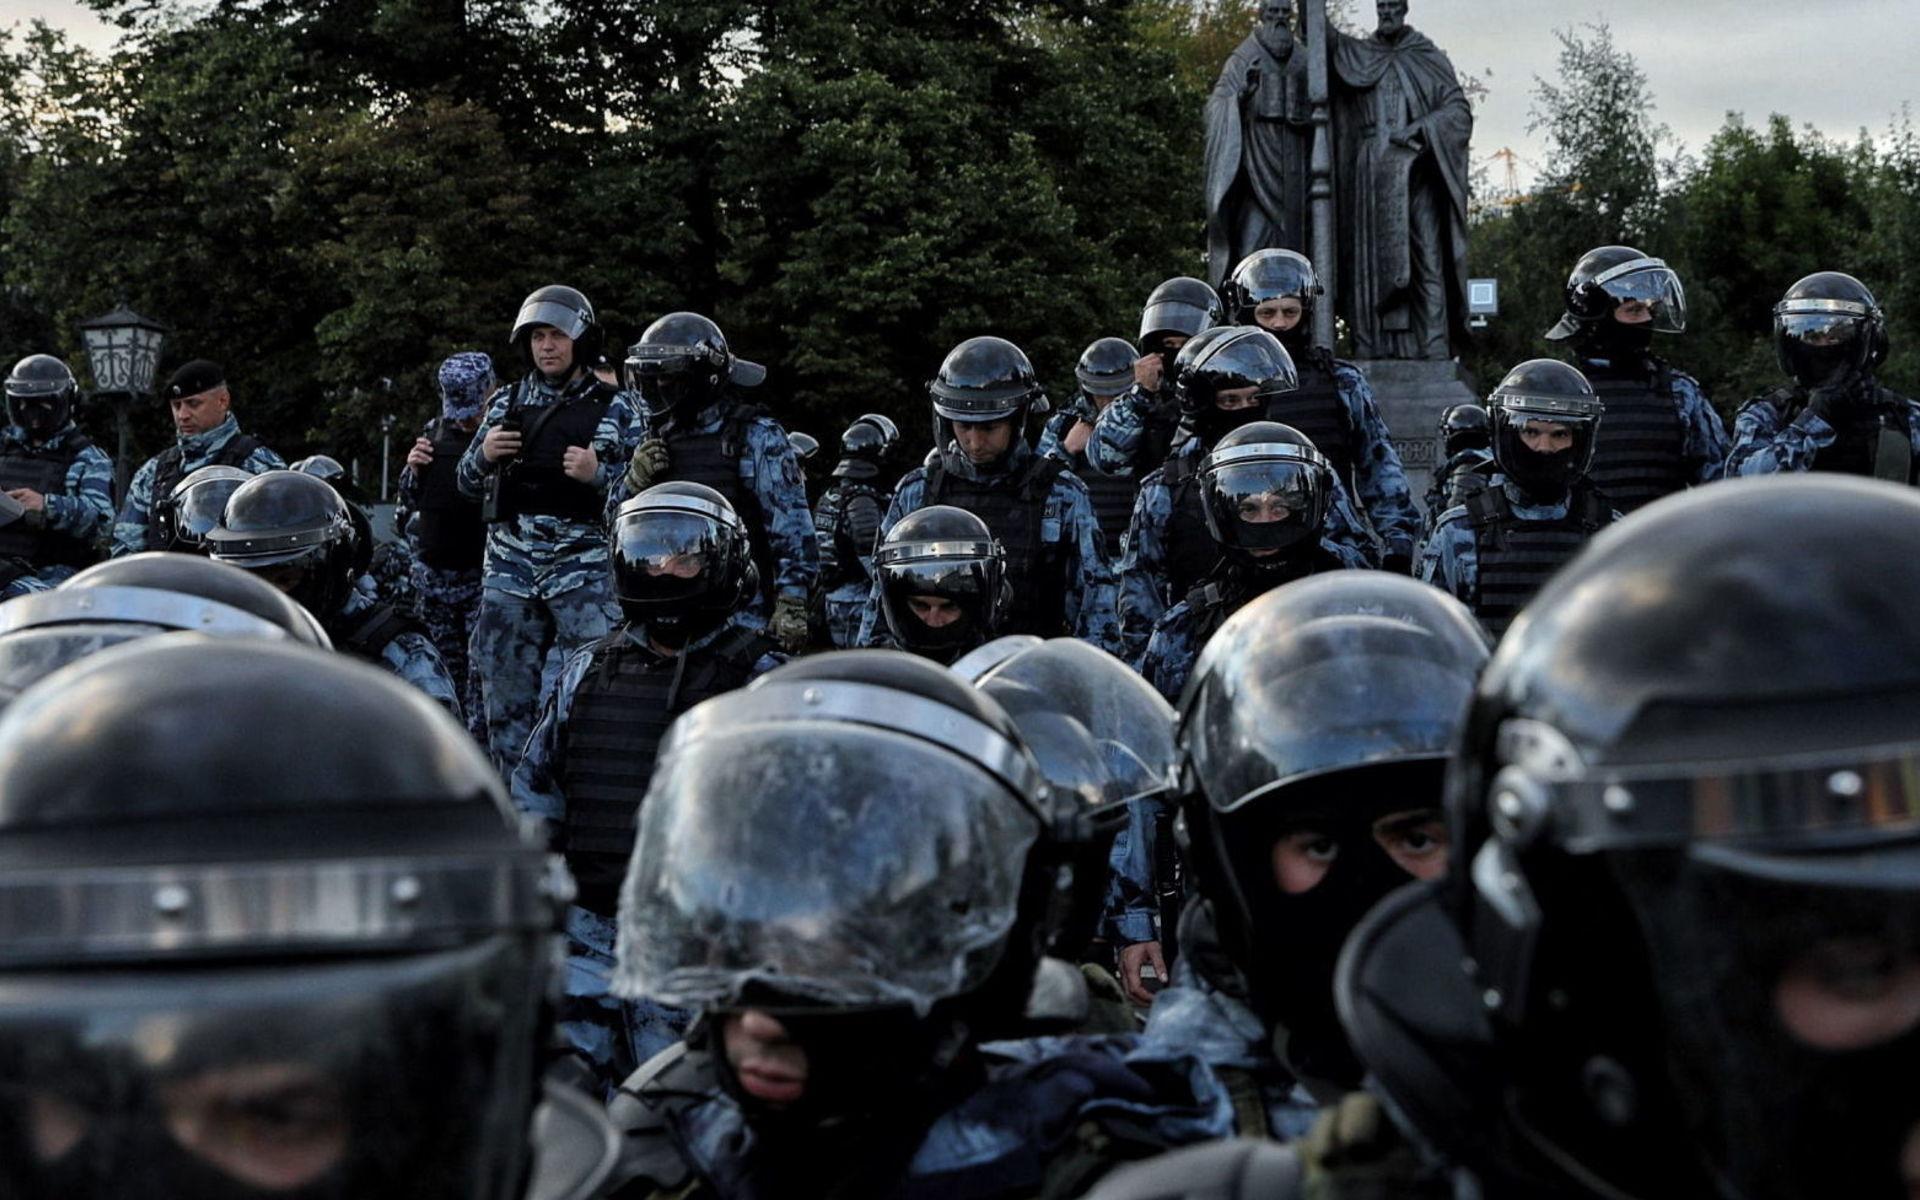 50 тысяч москвичей выступили против репрессий, но полицейское оцепление остановило их у храма